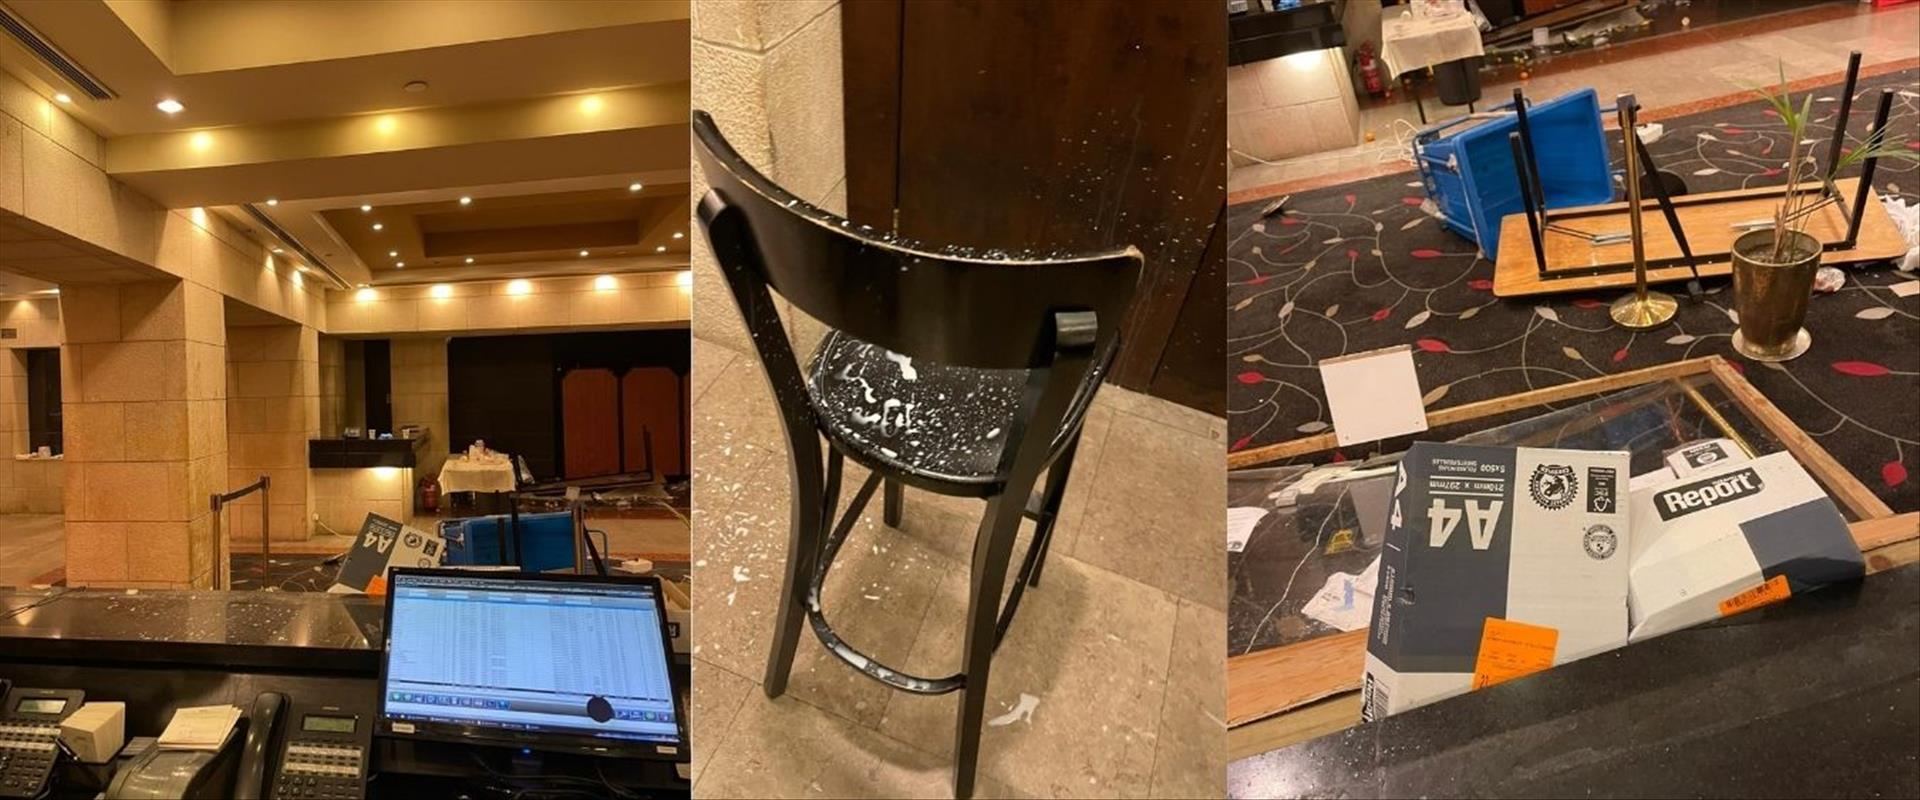 תיעוד: ישראלים ששבו מדובאי התפרעו במלון דן פנורמה